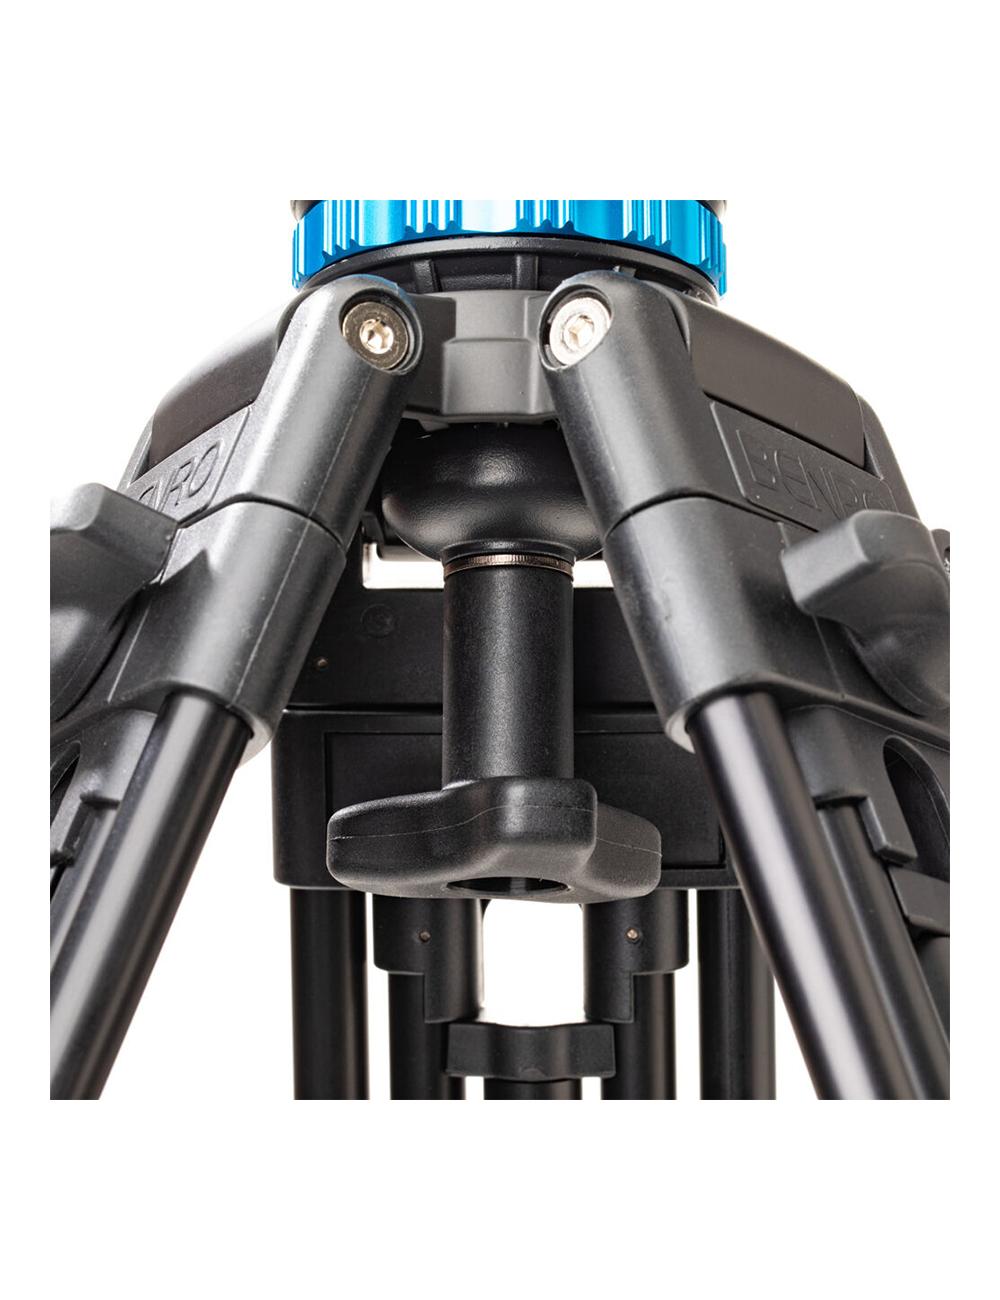 Zoom Set de accesorios para grabadora H6 APH-6 - control remoto, peludo y transformador a 220V